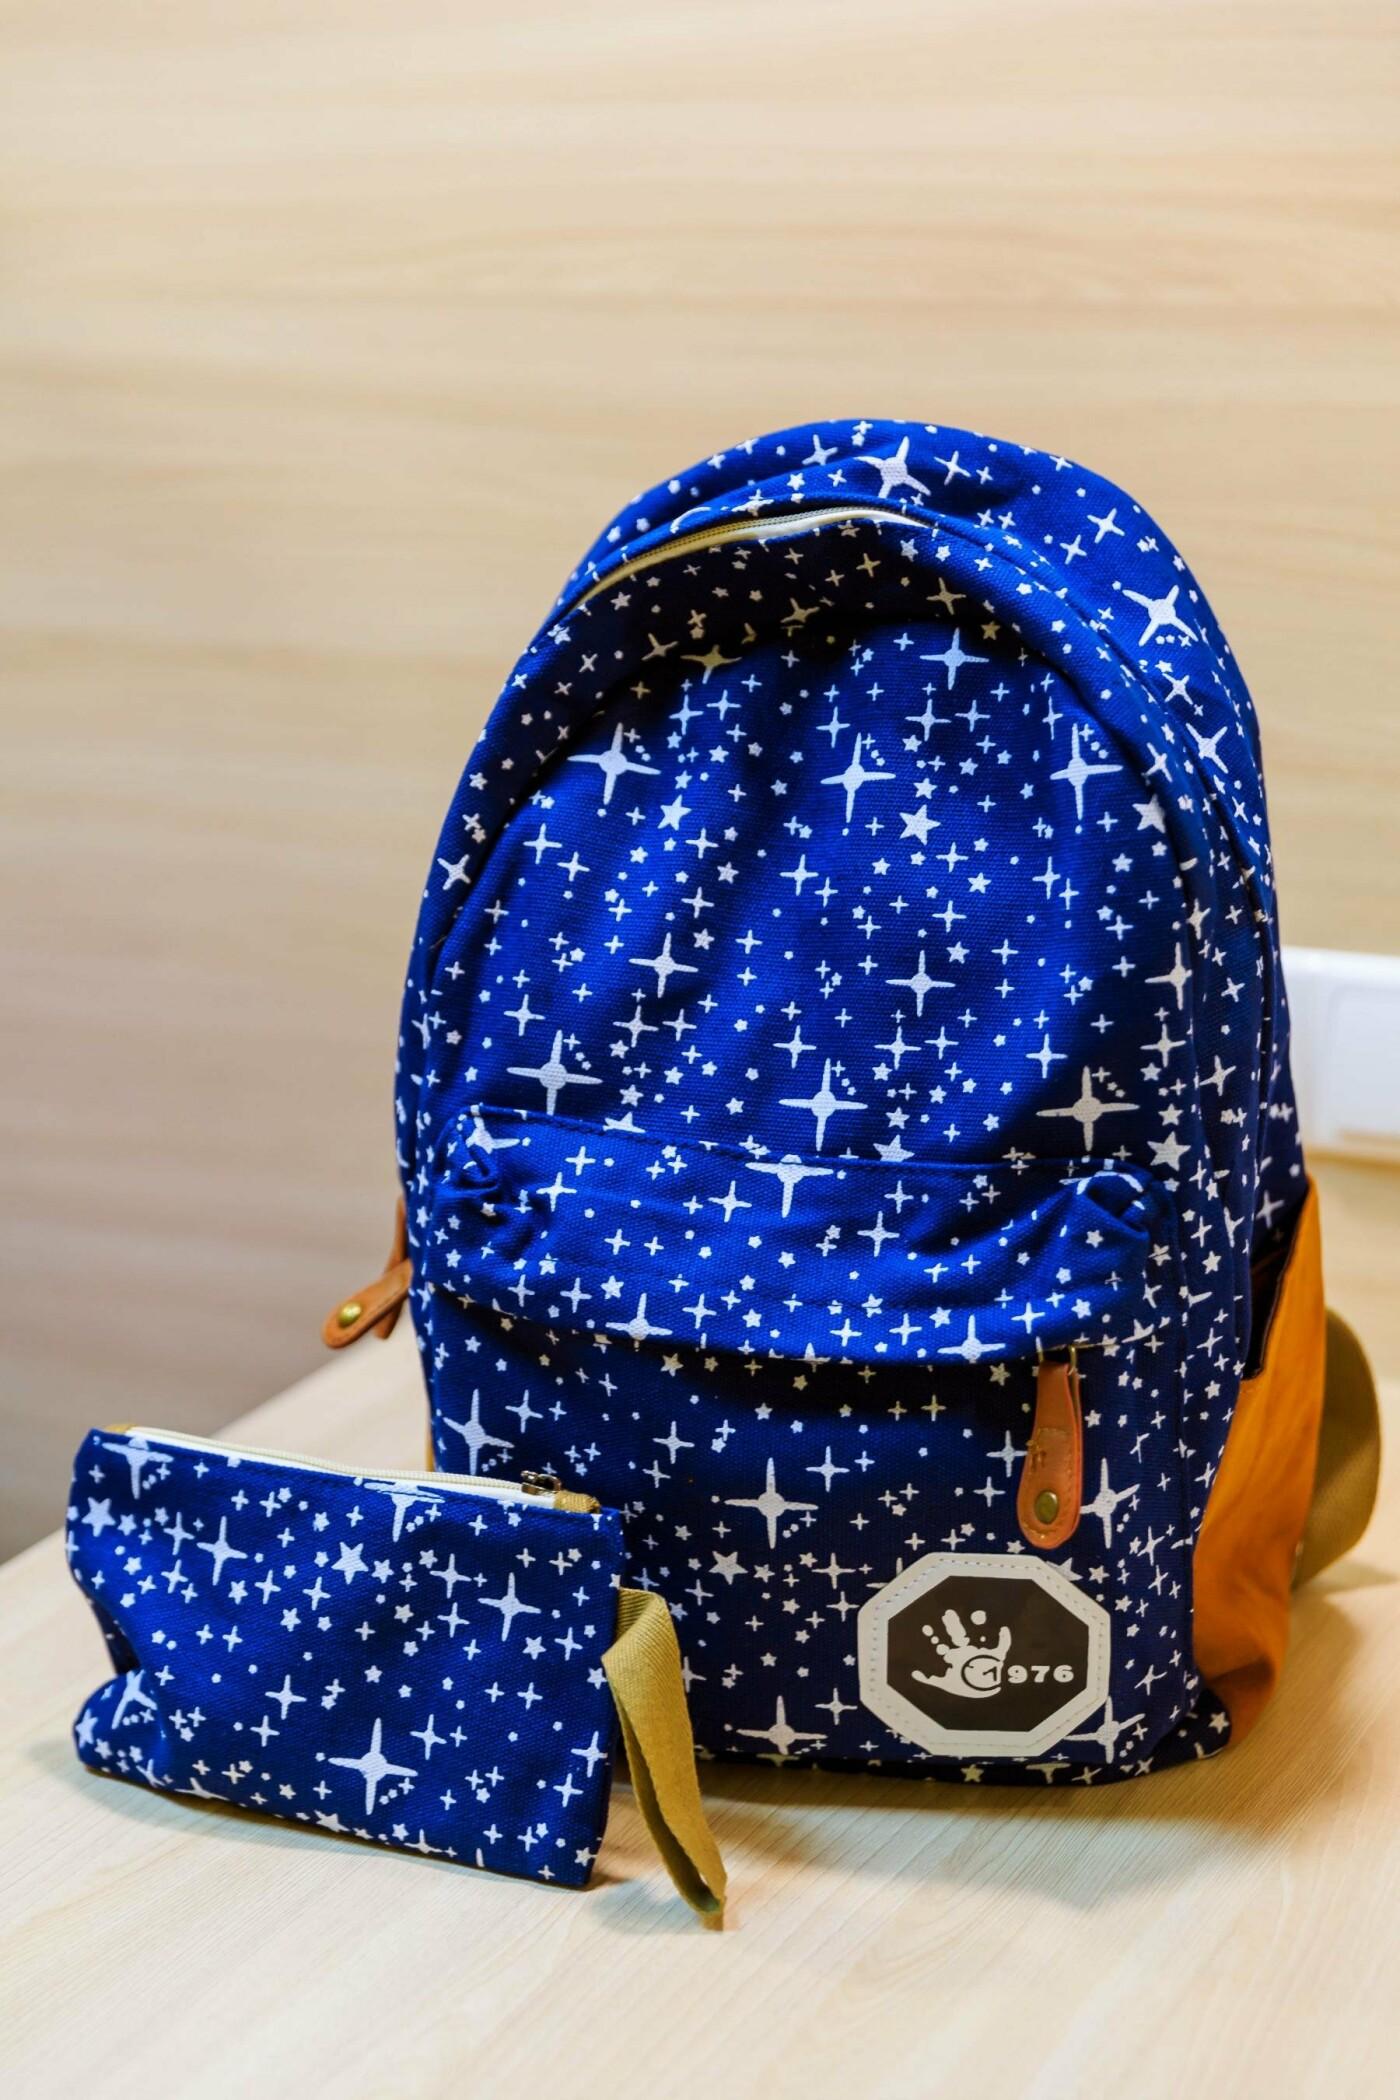 Яркие и практичные рюкзаки Rory, фото-4